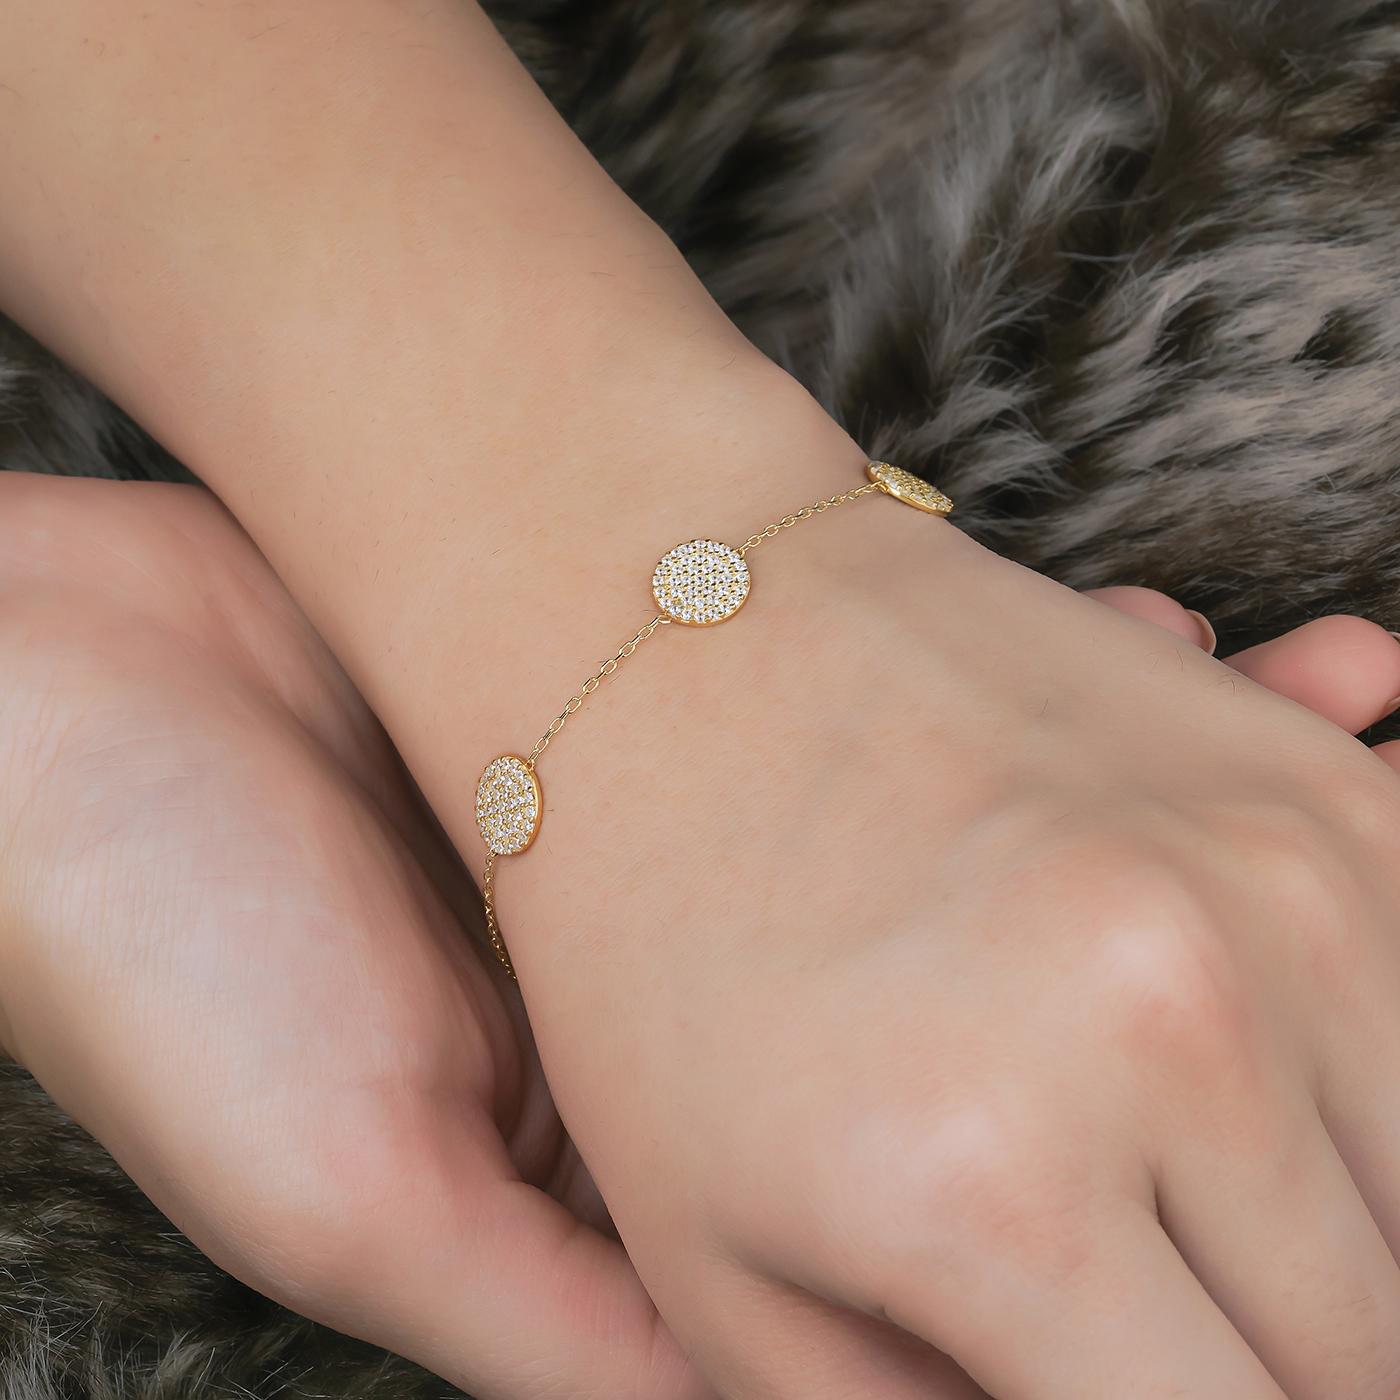 ALMIRA 925 Sterling Silber Damen Armband Silberschmuck Zirkonia